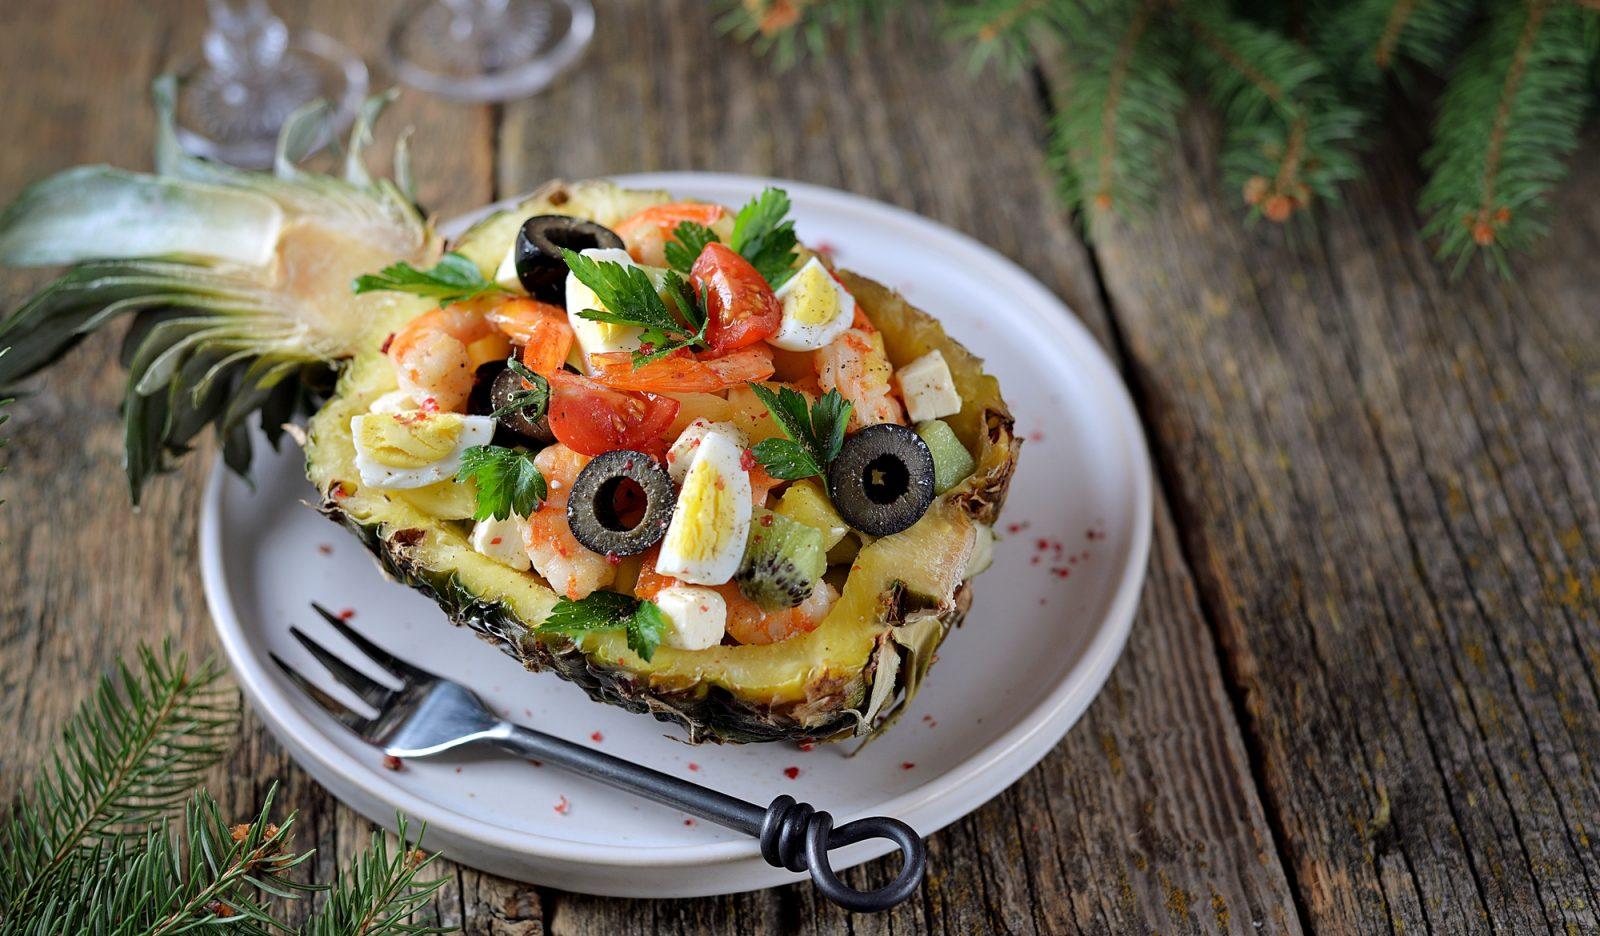 Салат с креветками в ананасе готовим дома,кулинария